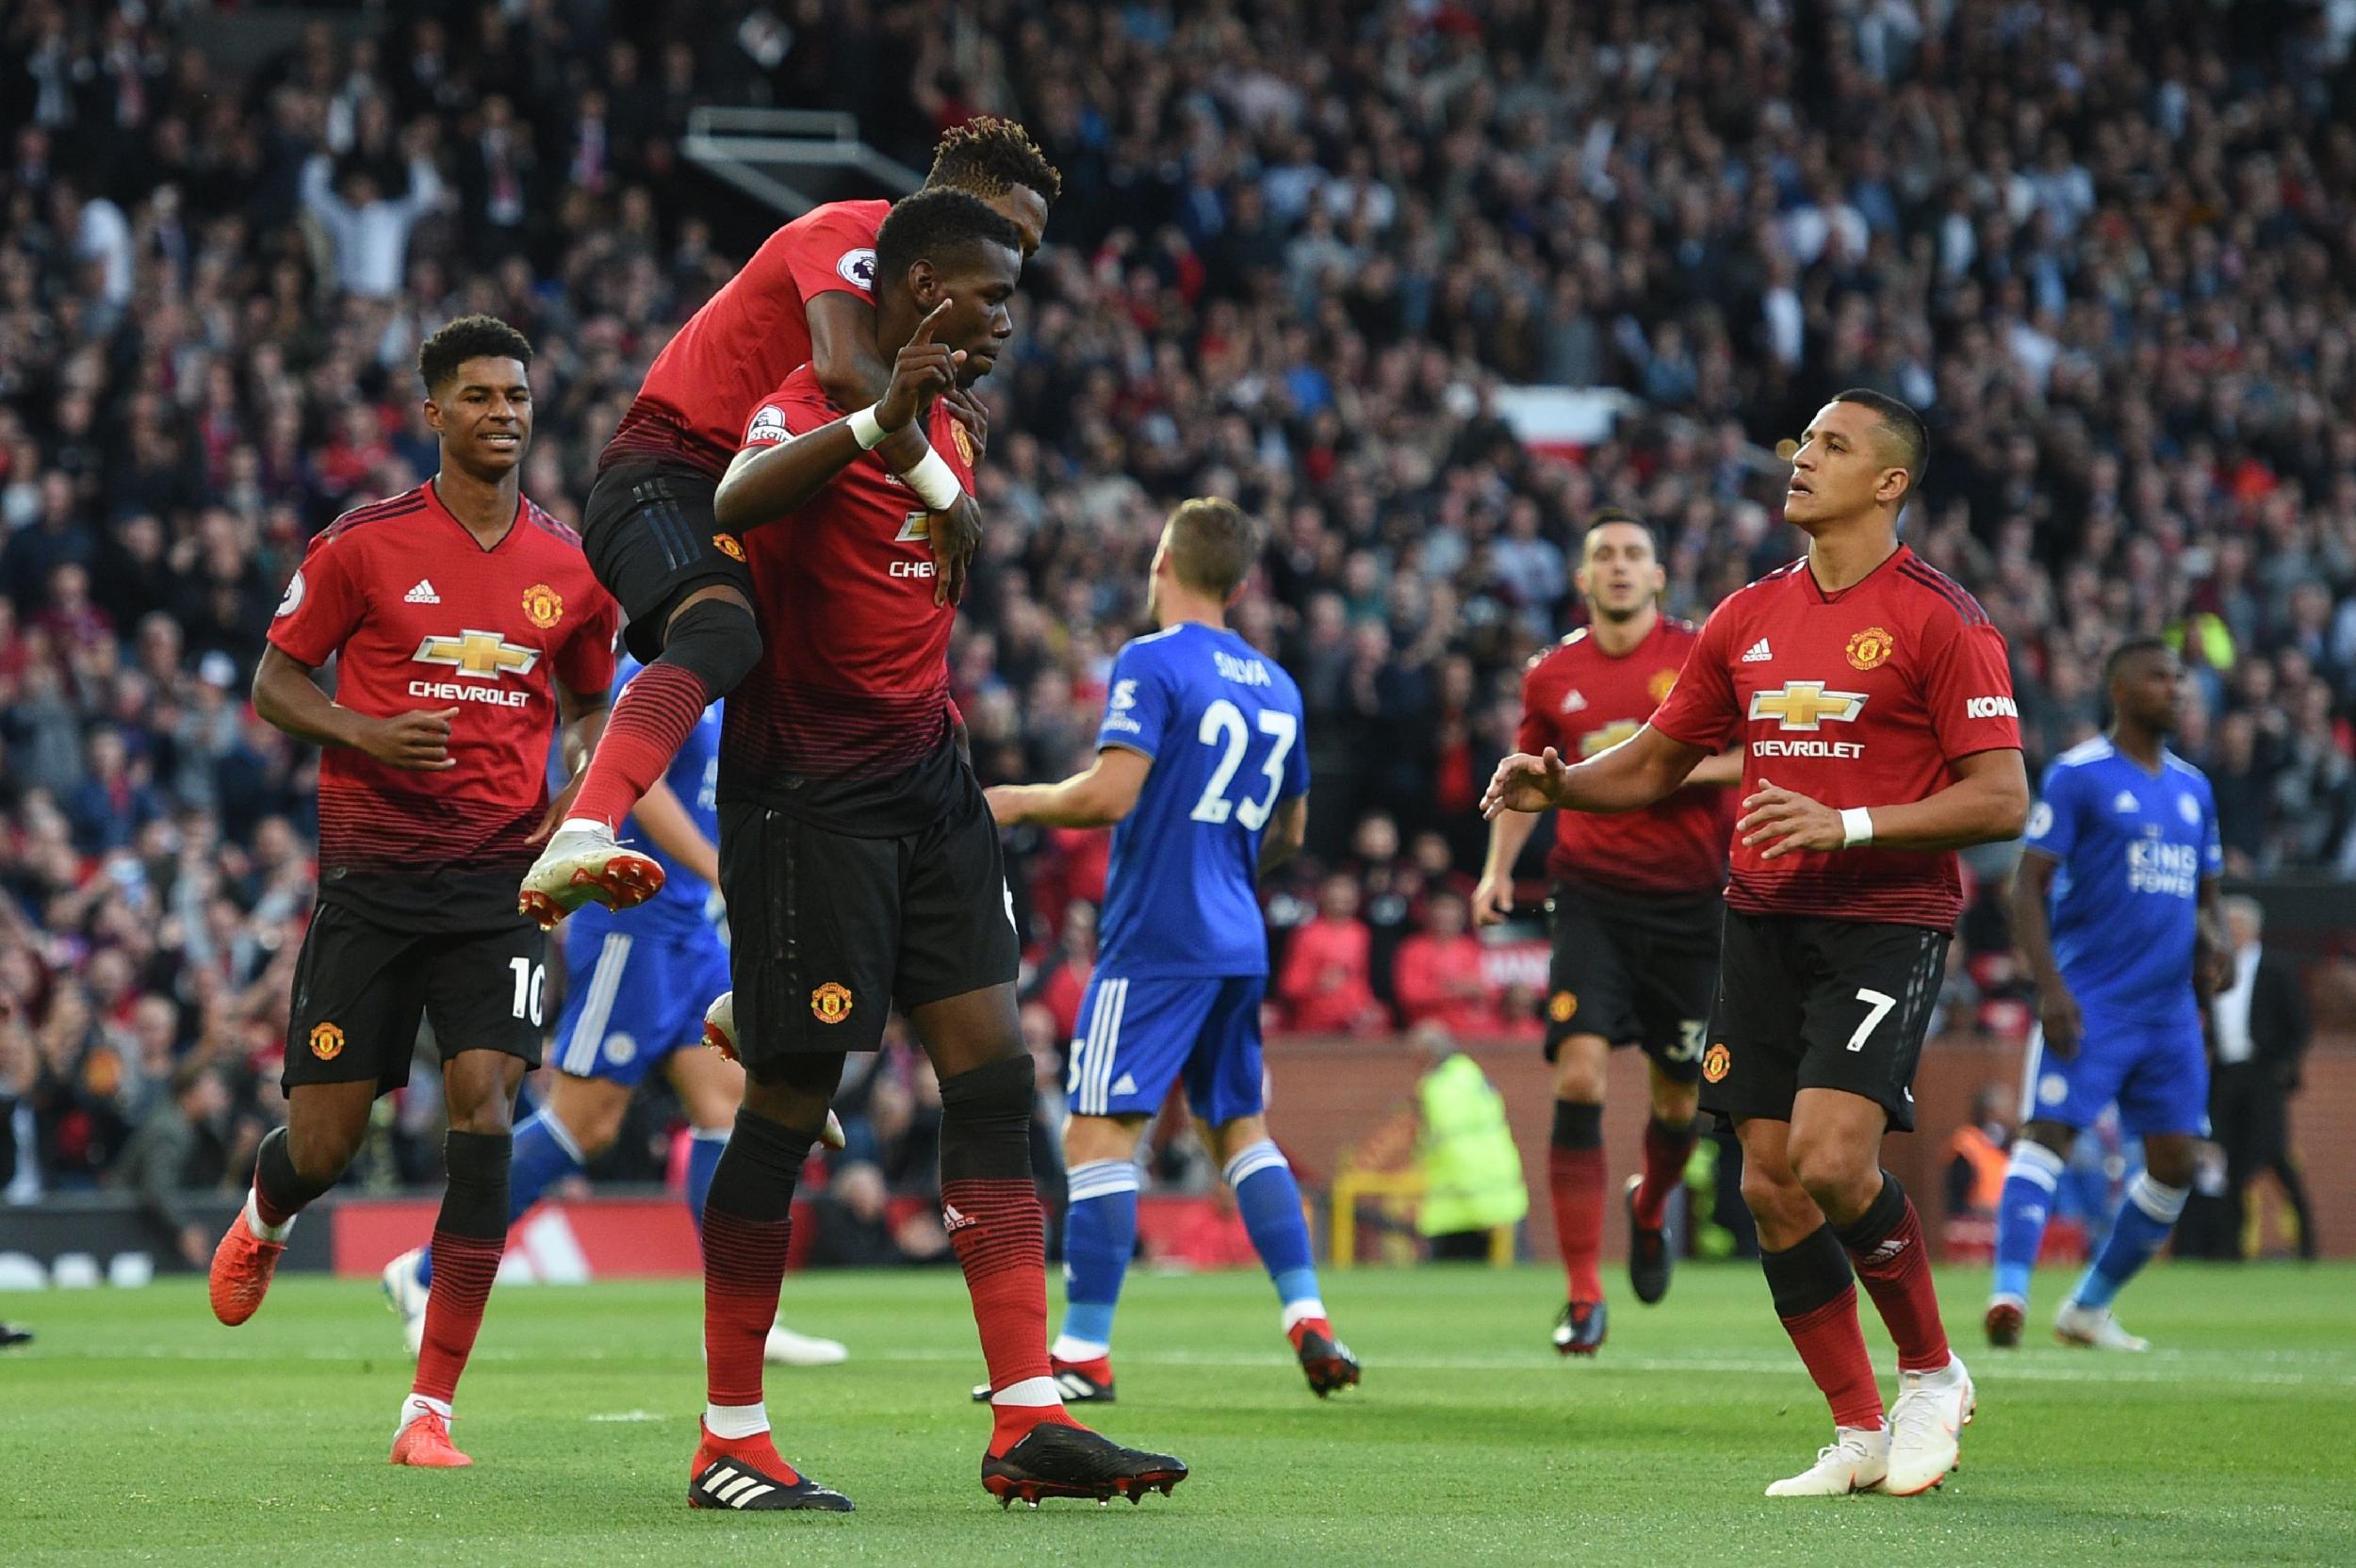 Untuk Menang, Gary Neville Menyarankan Manchester United Menekan Kiper Liverpool